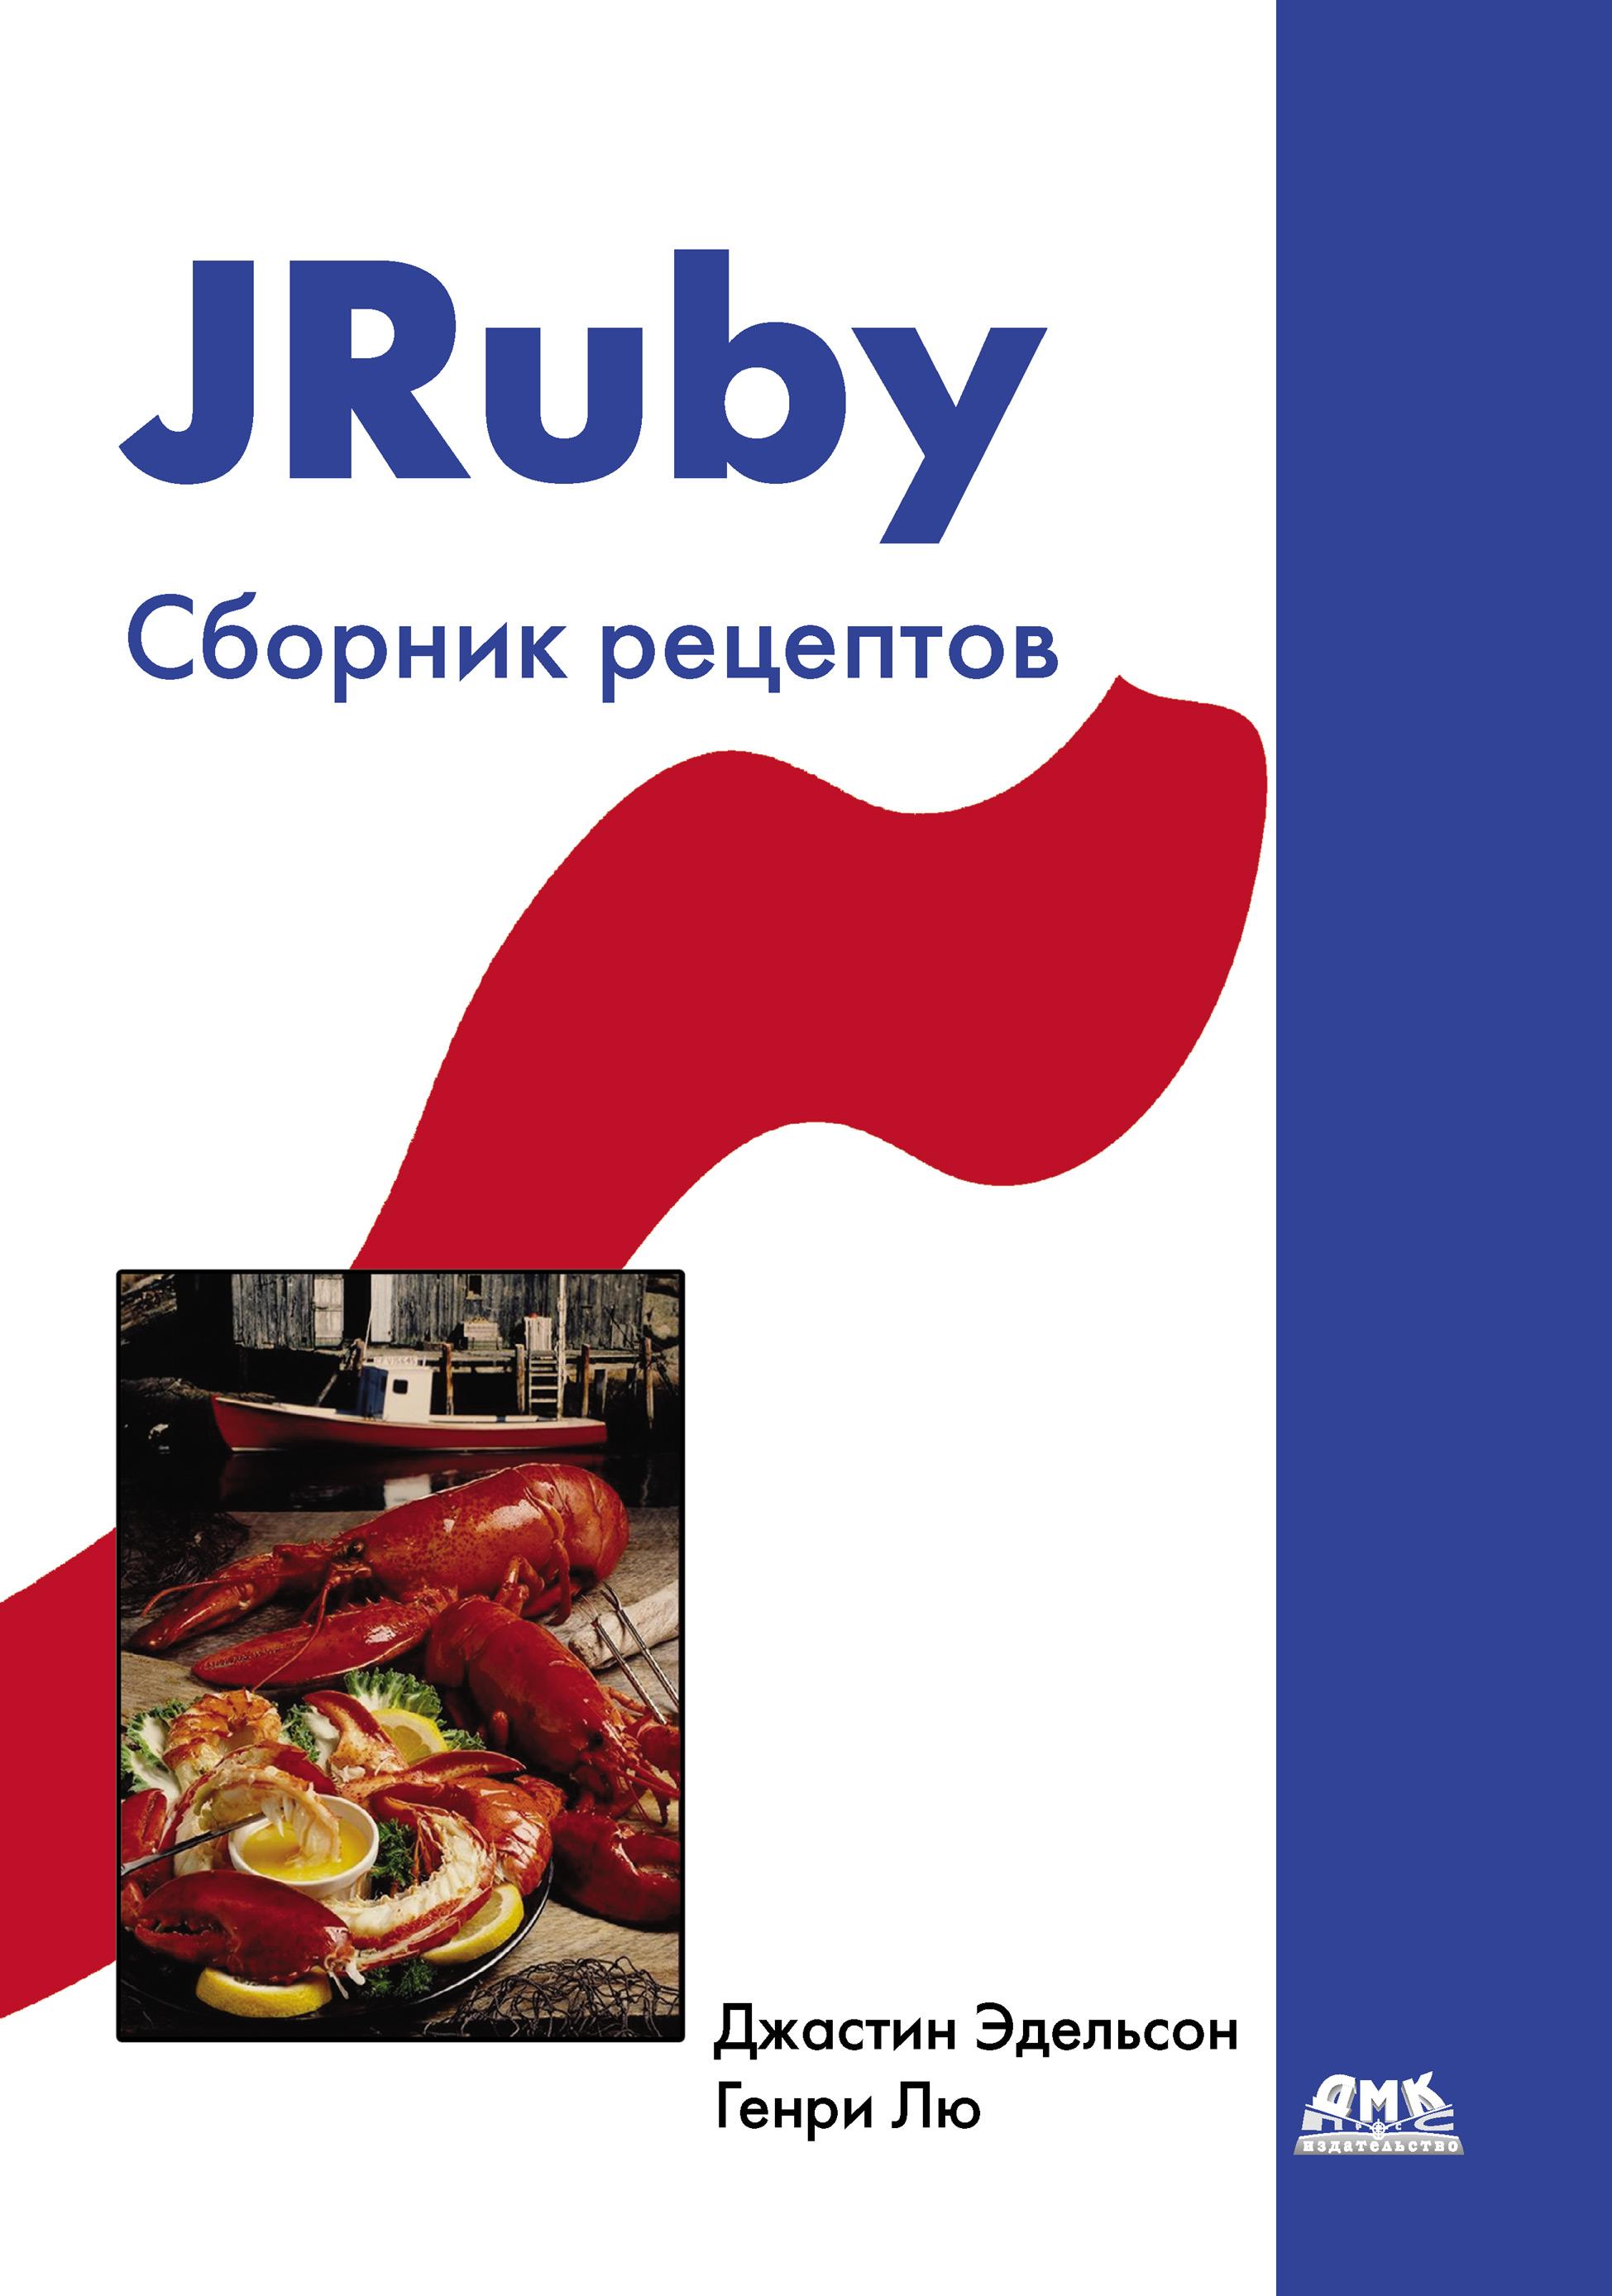 JRuby. Сборник рецептов